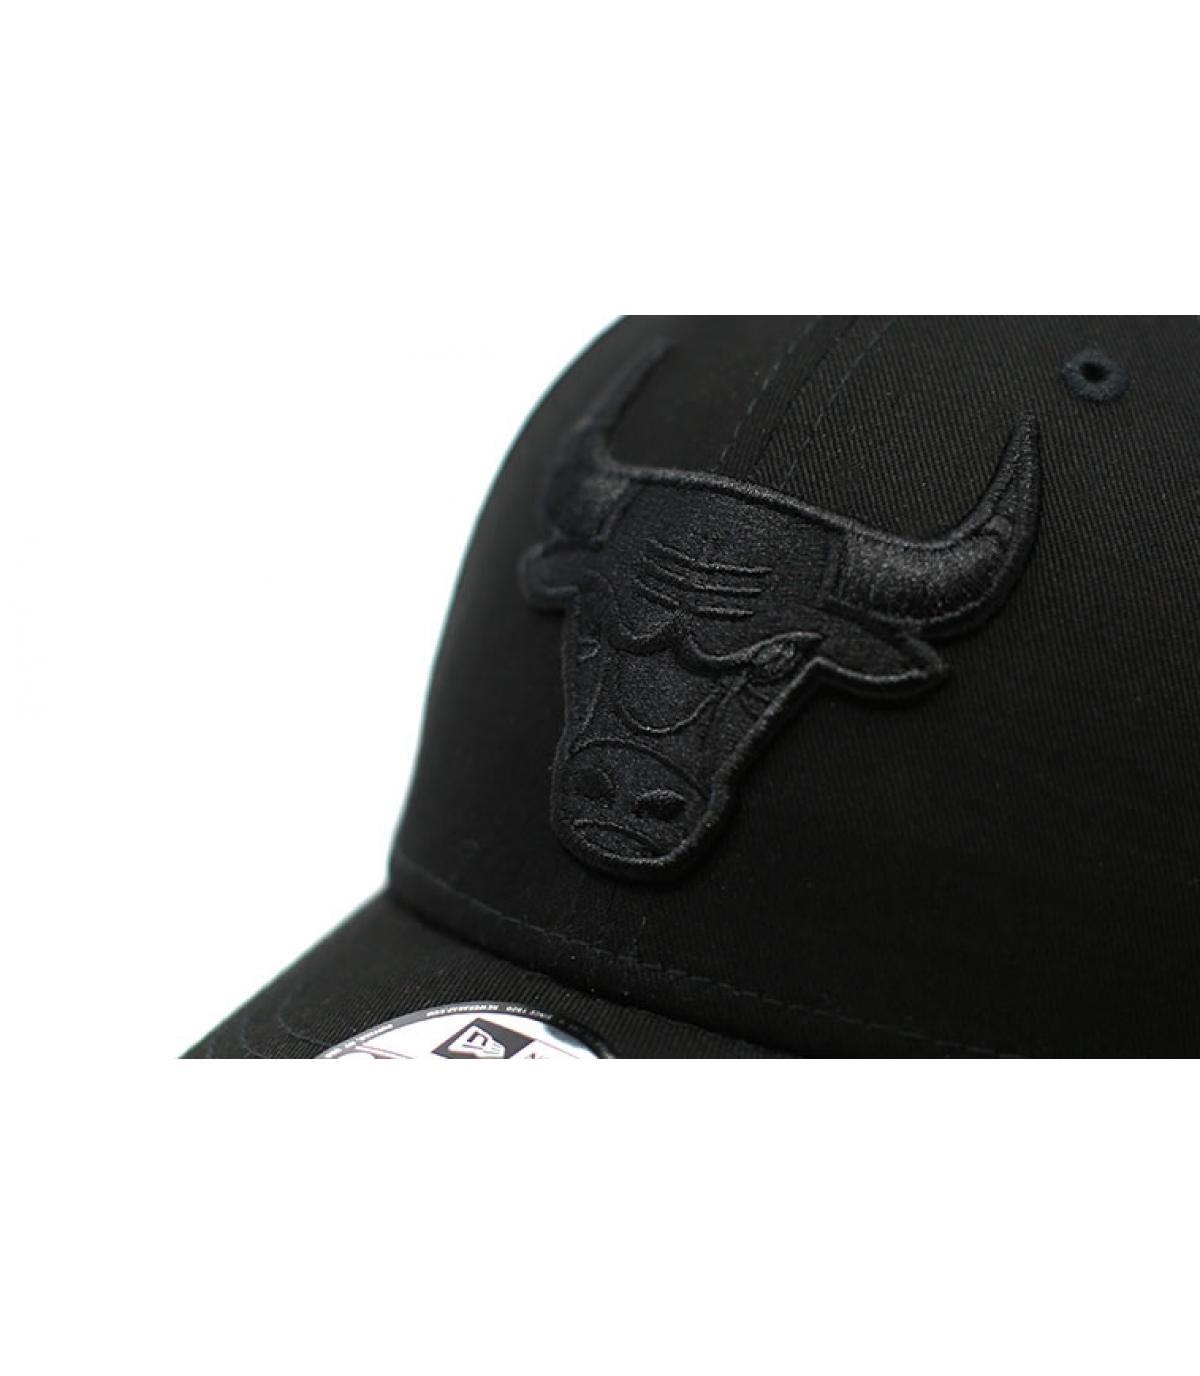 Détails 9Forty Bulls Snapback black - image 3